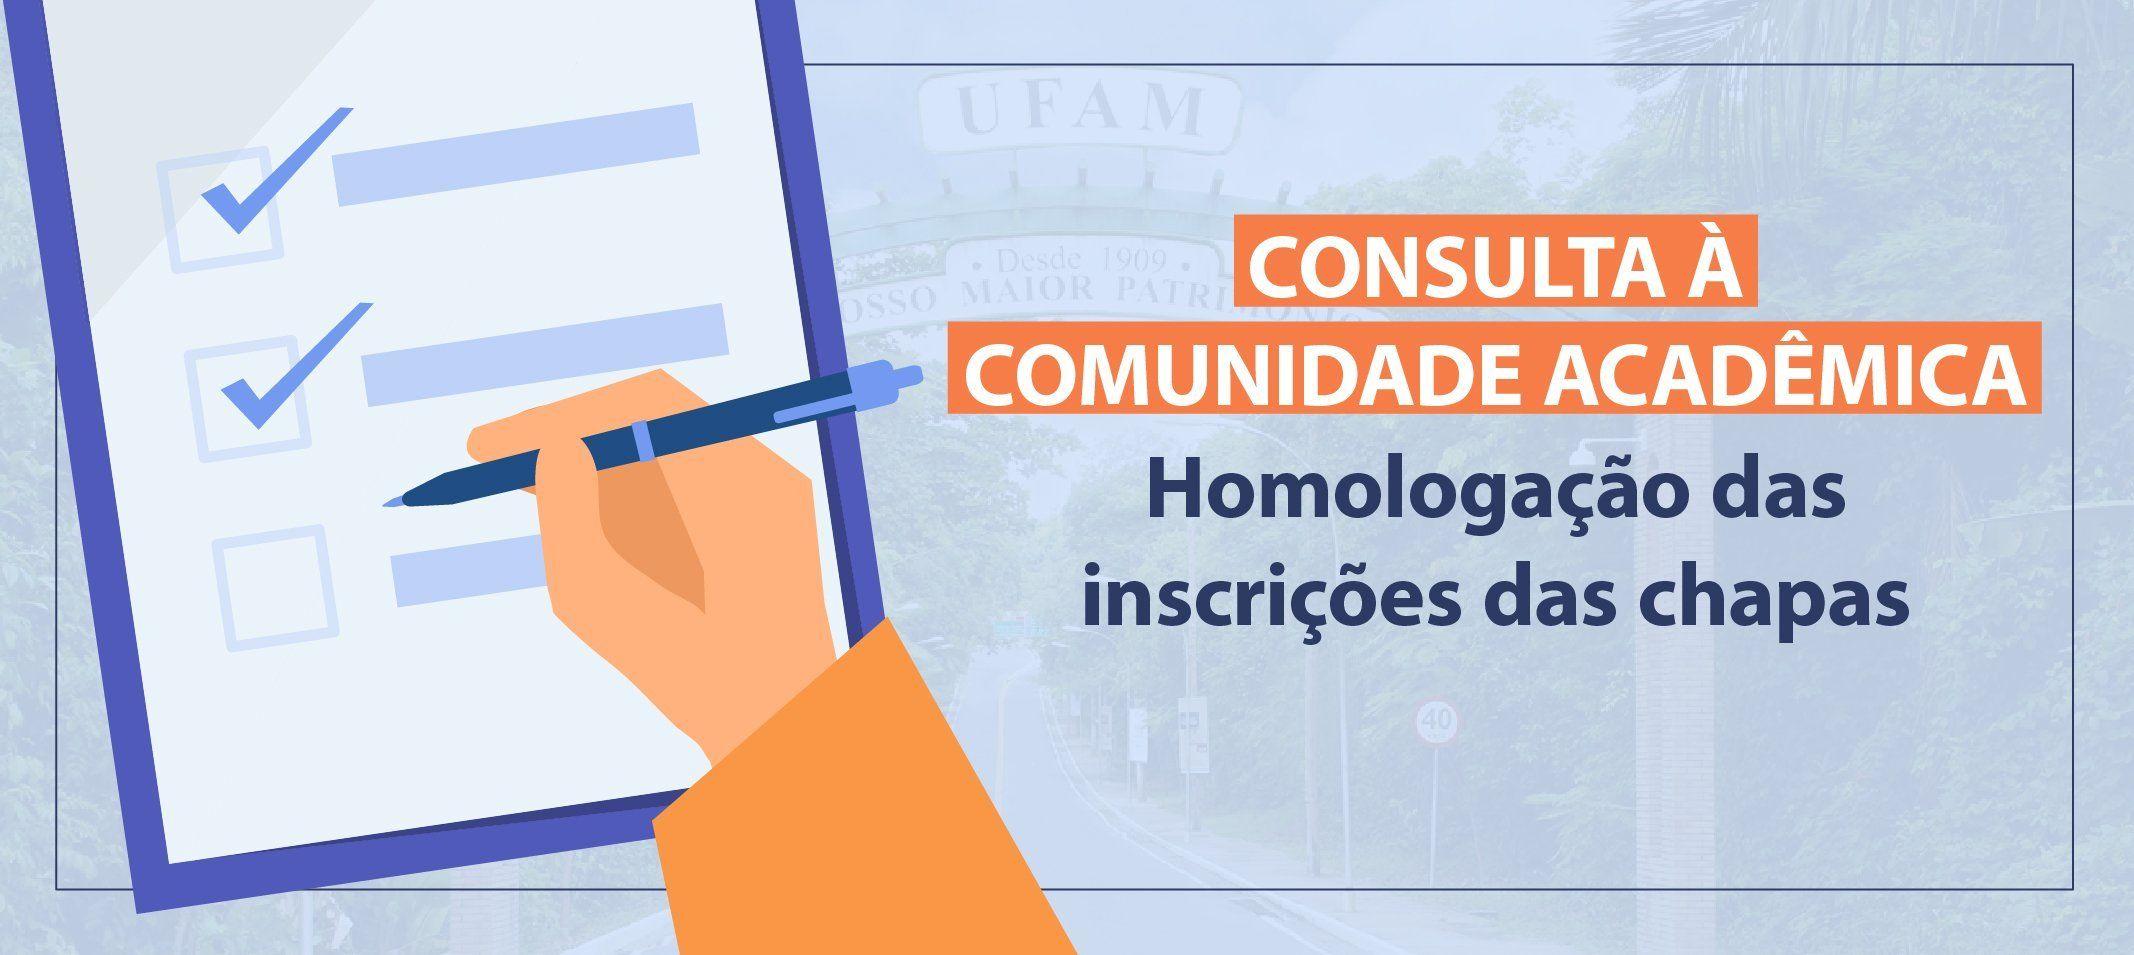 Comissão de Consulta à Comunidade Universitária para o cargo de reitor(a) e vice-reitor(a) divulga inscrições homologadas